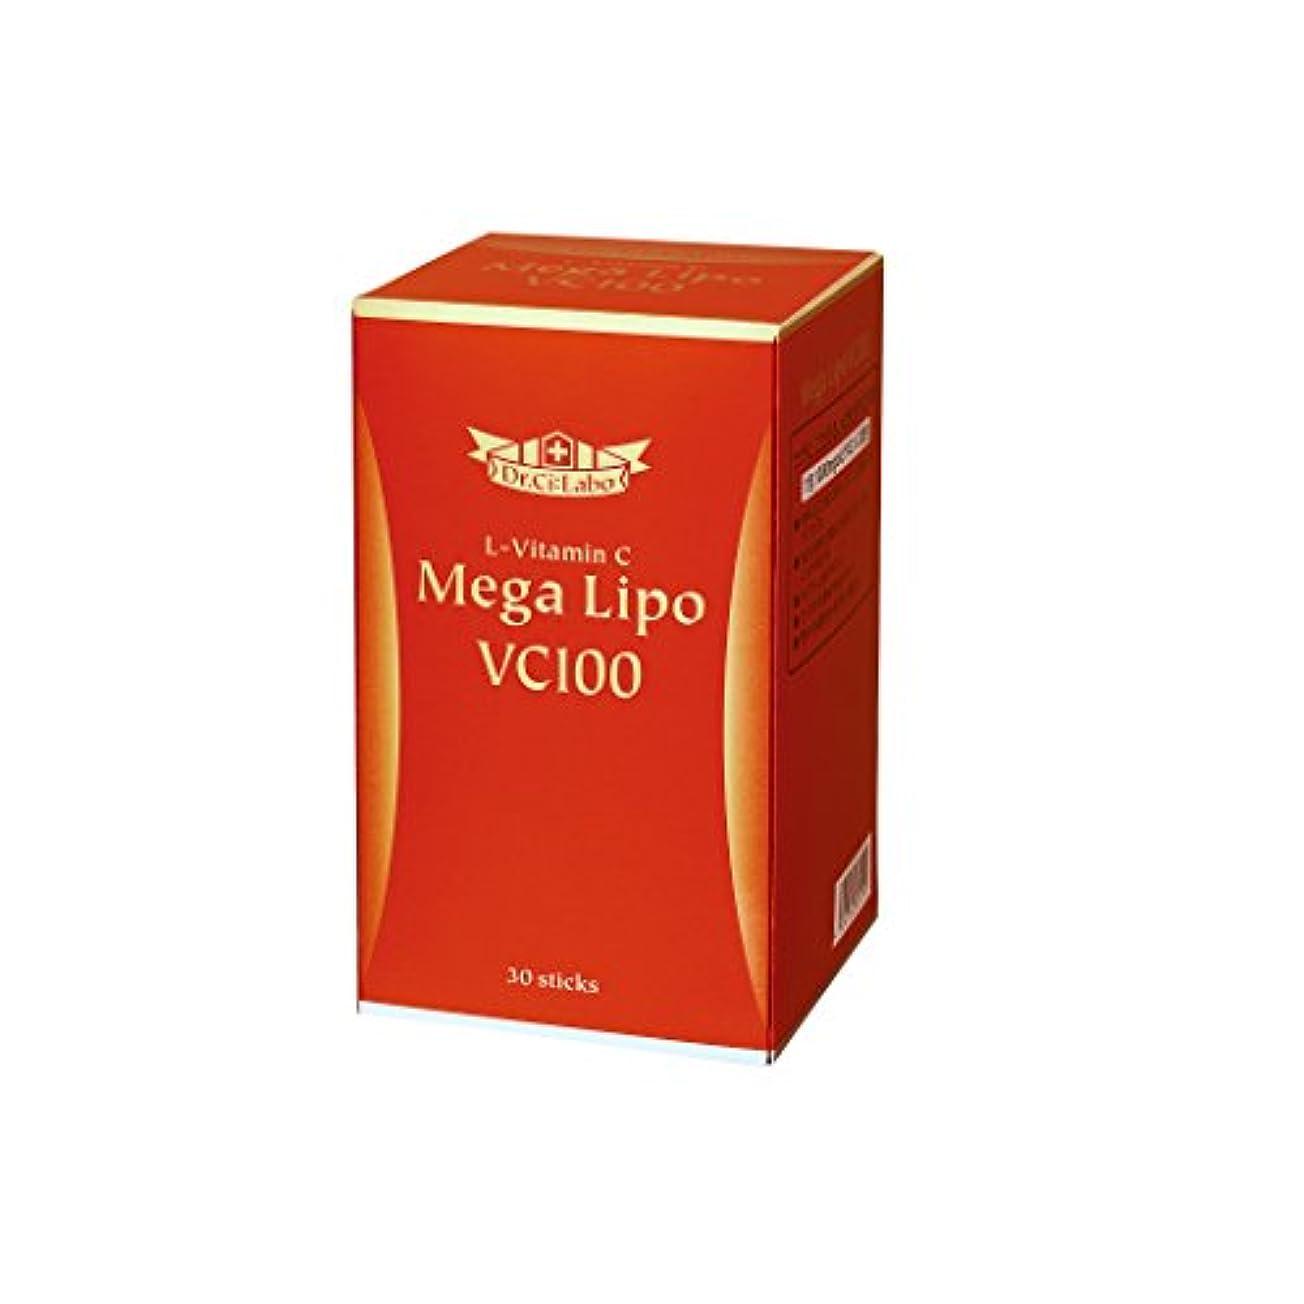 学ぶ重量麻痺させるドクターシーラボ メガリポVC100 2.8g×30包 美容サプリメント